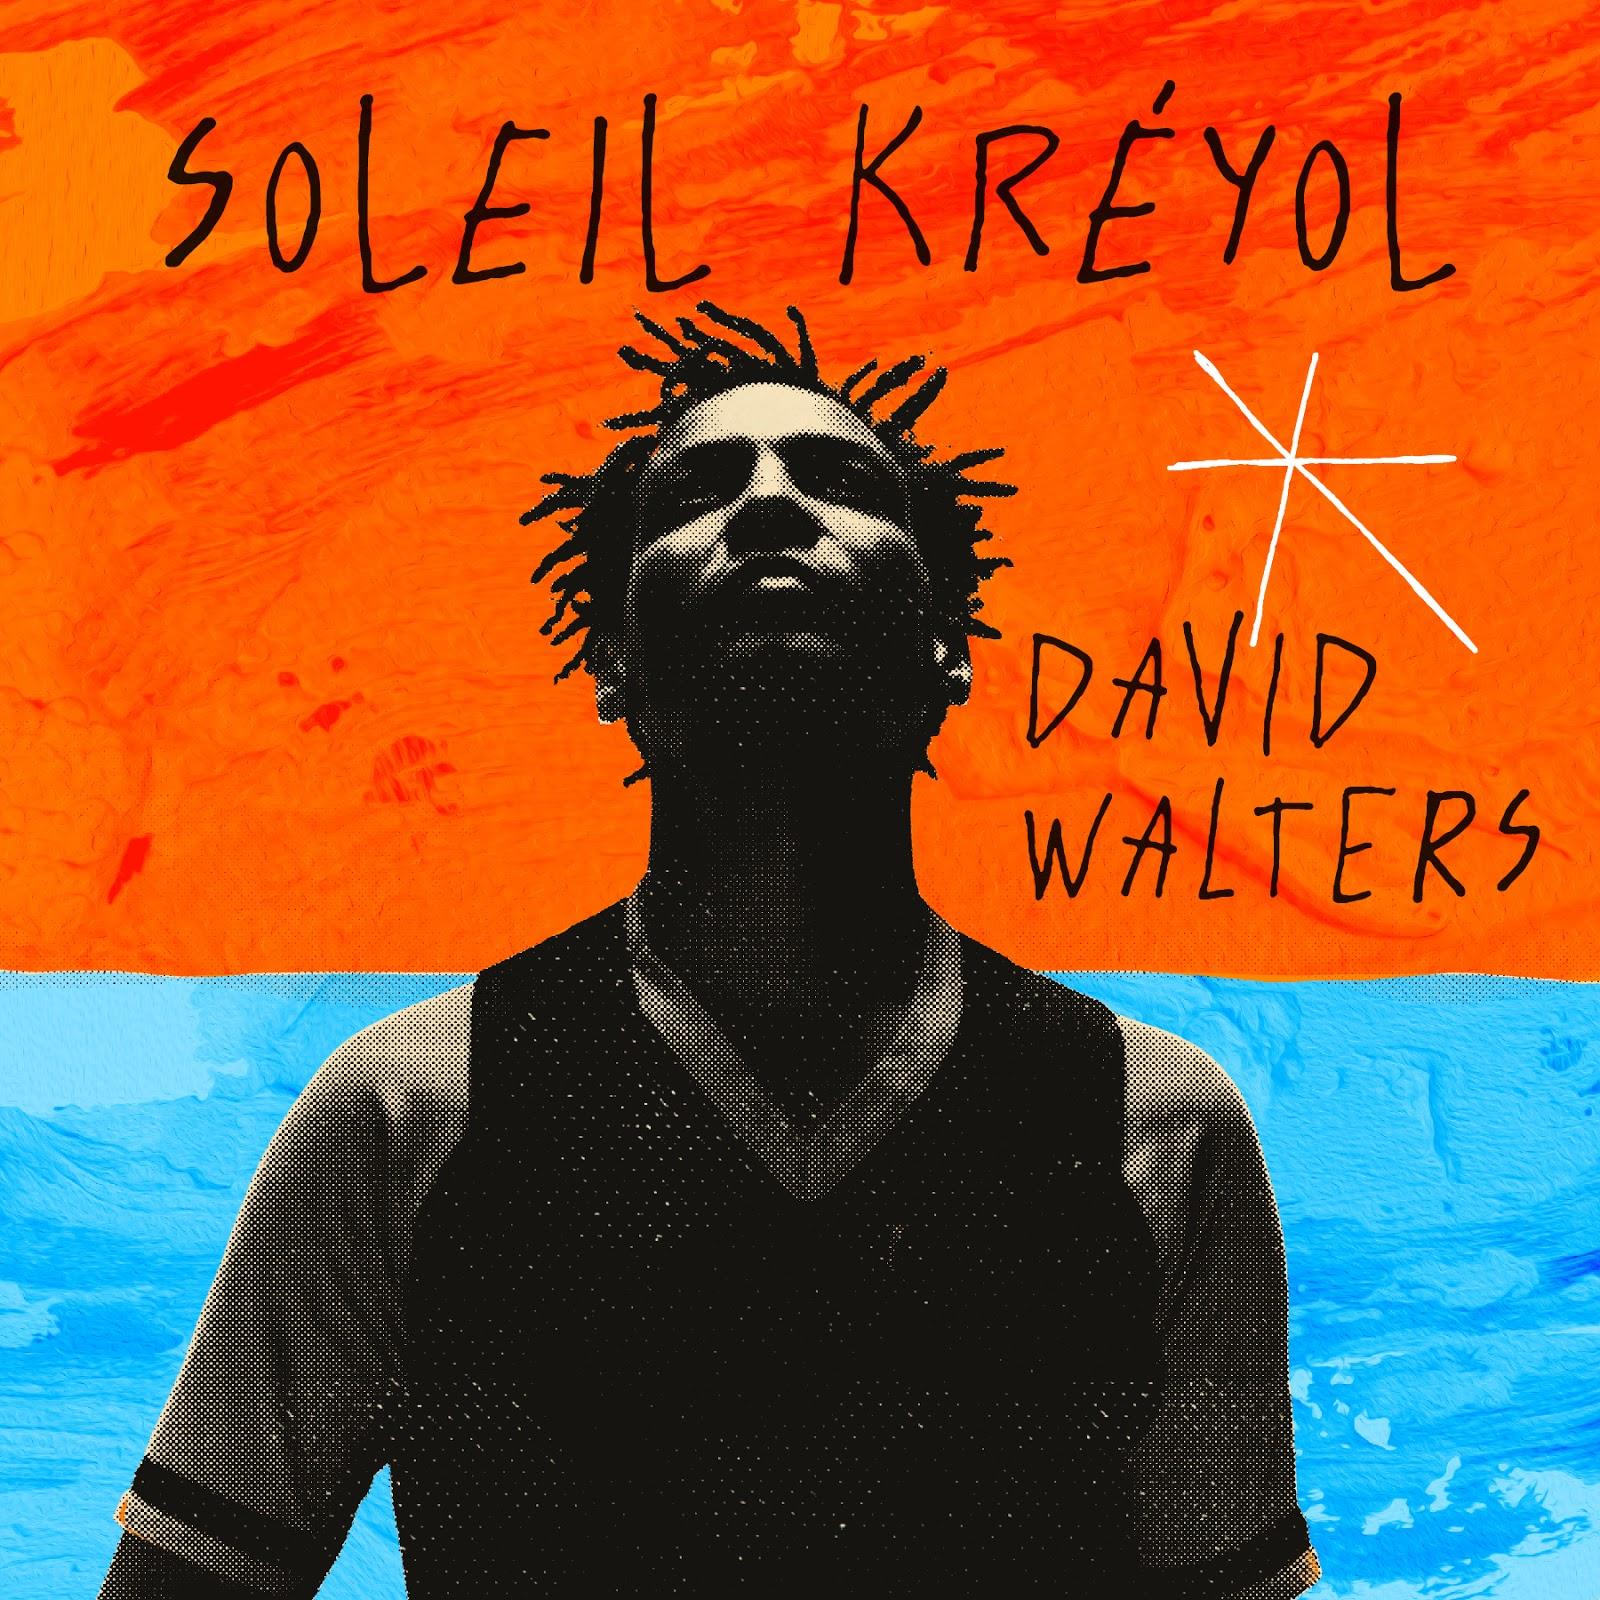 Soleil Kréyol von David Walters | Albumtipp & Full Album Stream